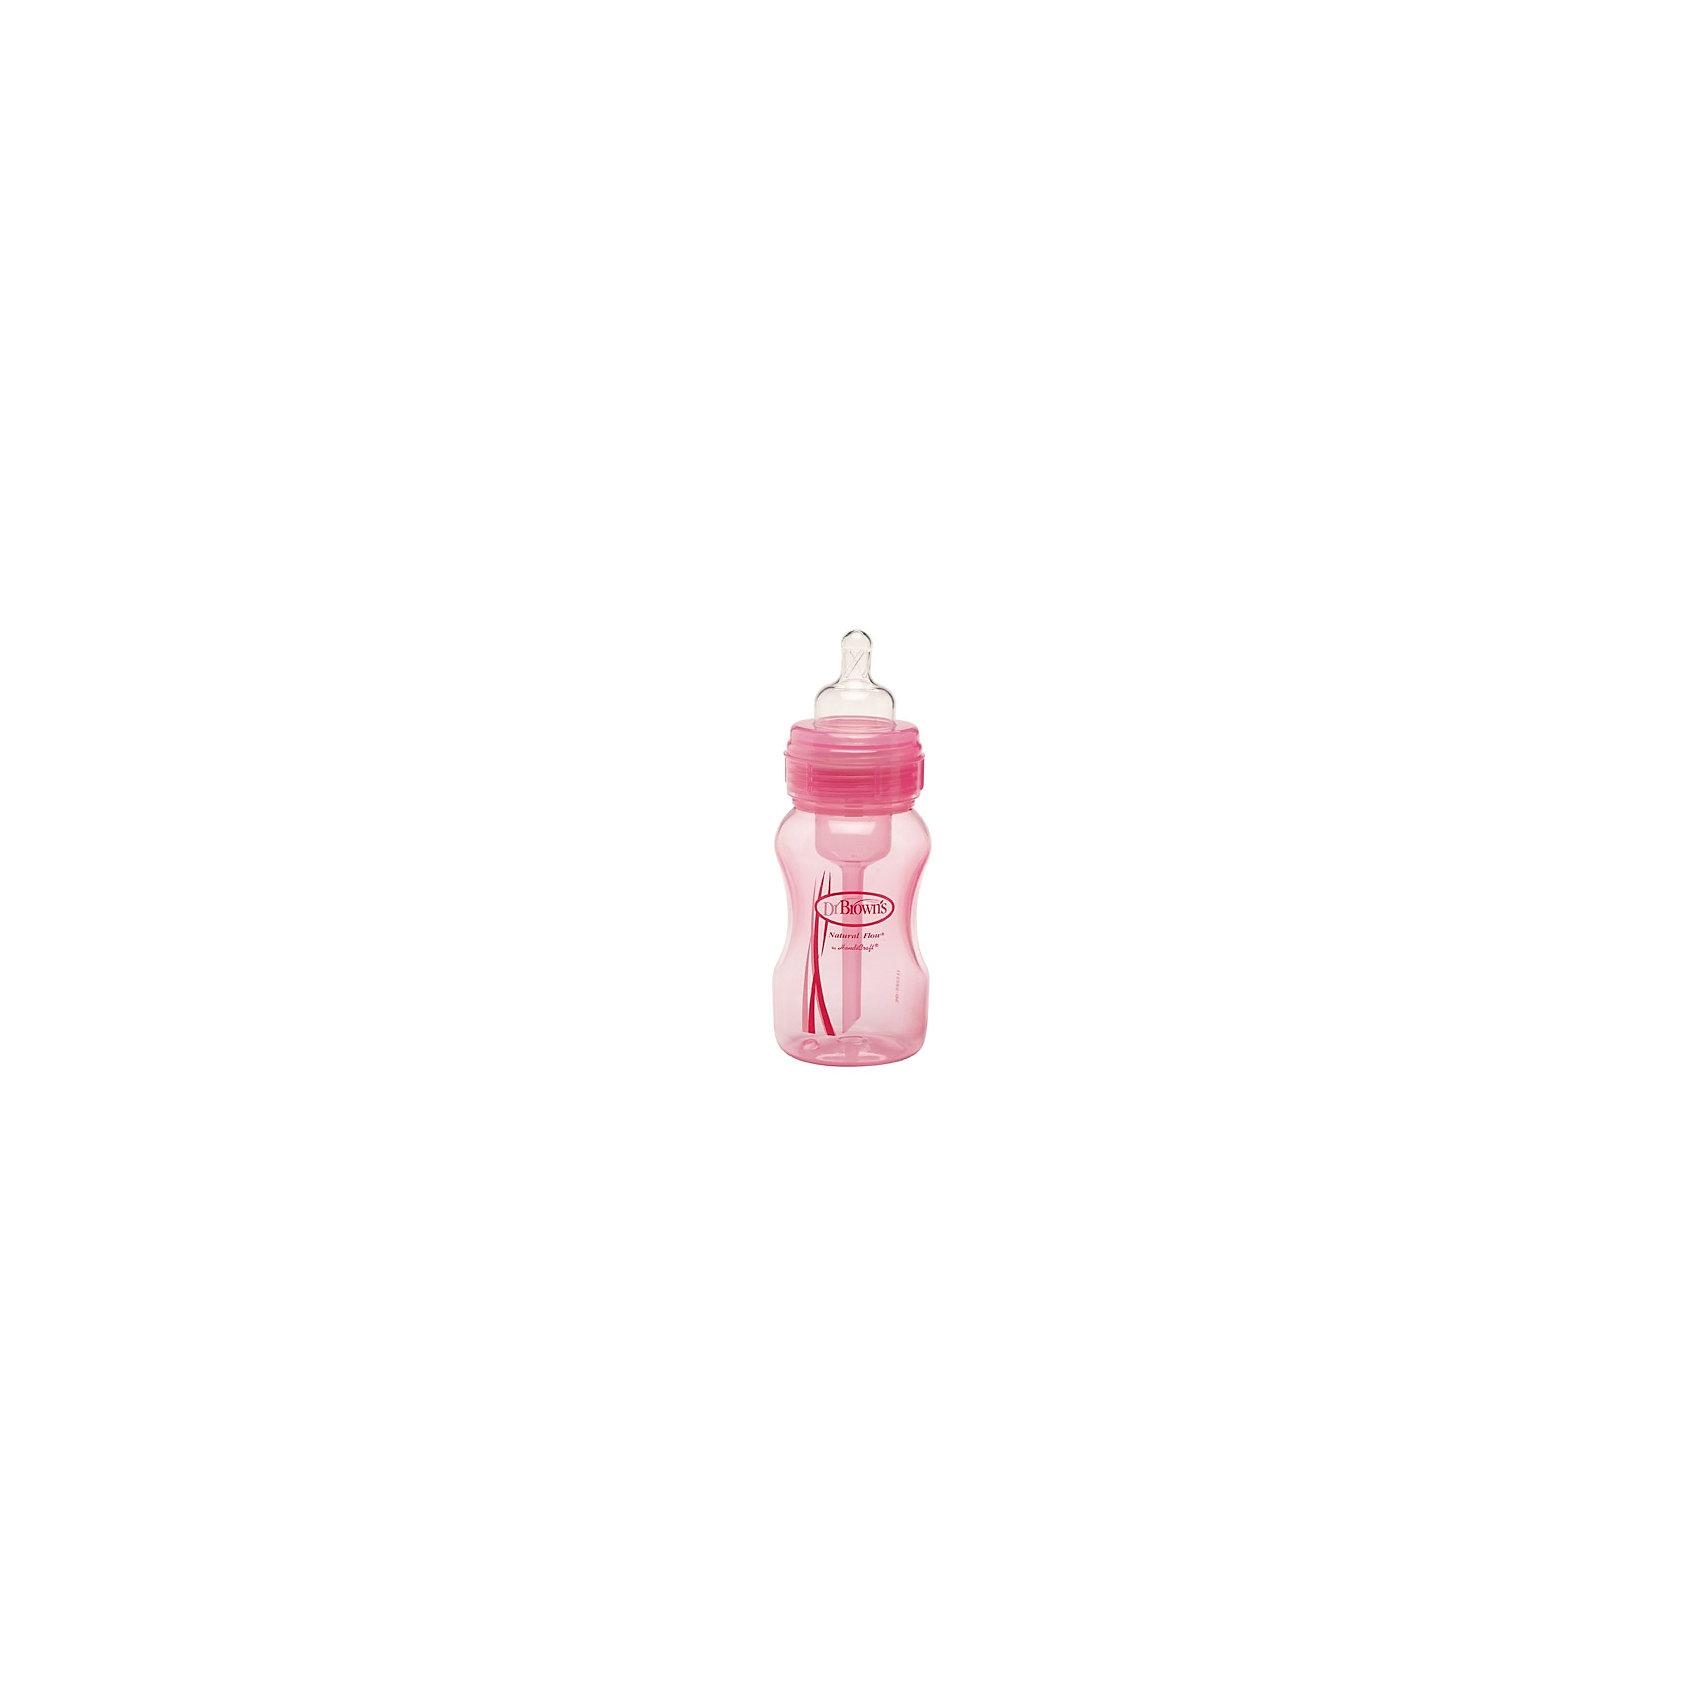 Бутылочка с широким горлышком 240 мл, полипропилен, Dr. Brown, розовыйЭто уникальная детская бутылочка, которая при кормлении ребёнка создает эффект аналогичный кормлению материнской грудью. Такая бутылочка прекрасно подойдет для мамочек сочетающих грудное и искусственное вскармливание. А уникальная вентиляционная система бутылочки позволяет снизить вероятность колик, срыгивания и газов.<br><br>Дополнительная информация:<br><br>- 1 бутылочка.<br>- 1 соска уровень 1.<br>- Ёршик для чистки вентиляционной системы.<br>-  Объем: 240 мл.<br>- Материал: полипропилен, силикон.<br>- Цвет: розовый.<br><br>Купить бутылочку с широким горлышком 240 мл., в розовом цвете от Dr. Brown, можно в нашем магазине.<br><br>Ширина мм: 70<br>Глубина мм: 70<br>Высота мм: 227<br>Вес г: 154<br>Возраст от месяцев: -2147483648<br>Возраст до месяцев: 2147483647<br>Пол: Унисекс<br>Возраст: Детский<br>SKU: 4796744